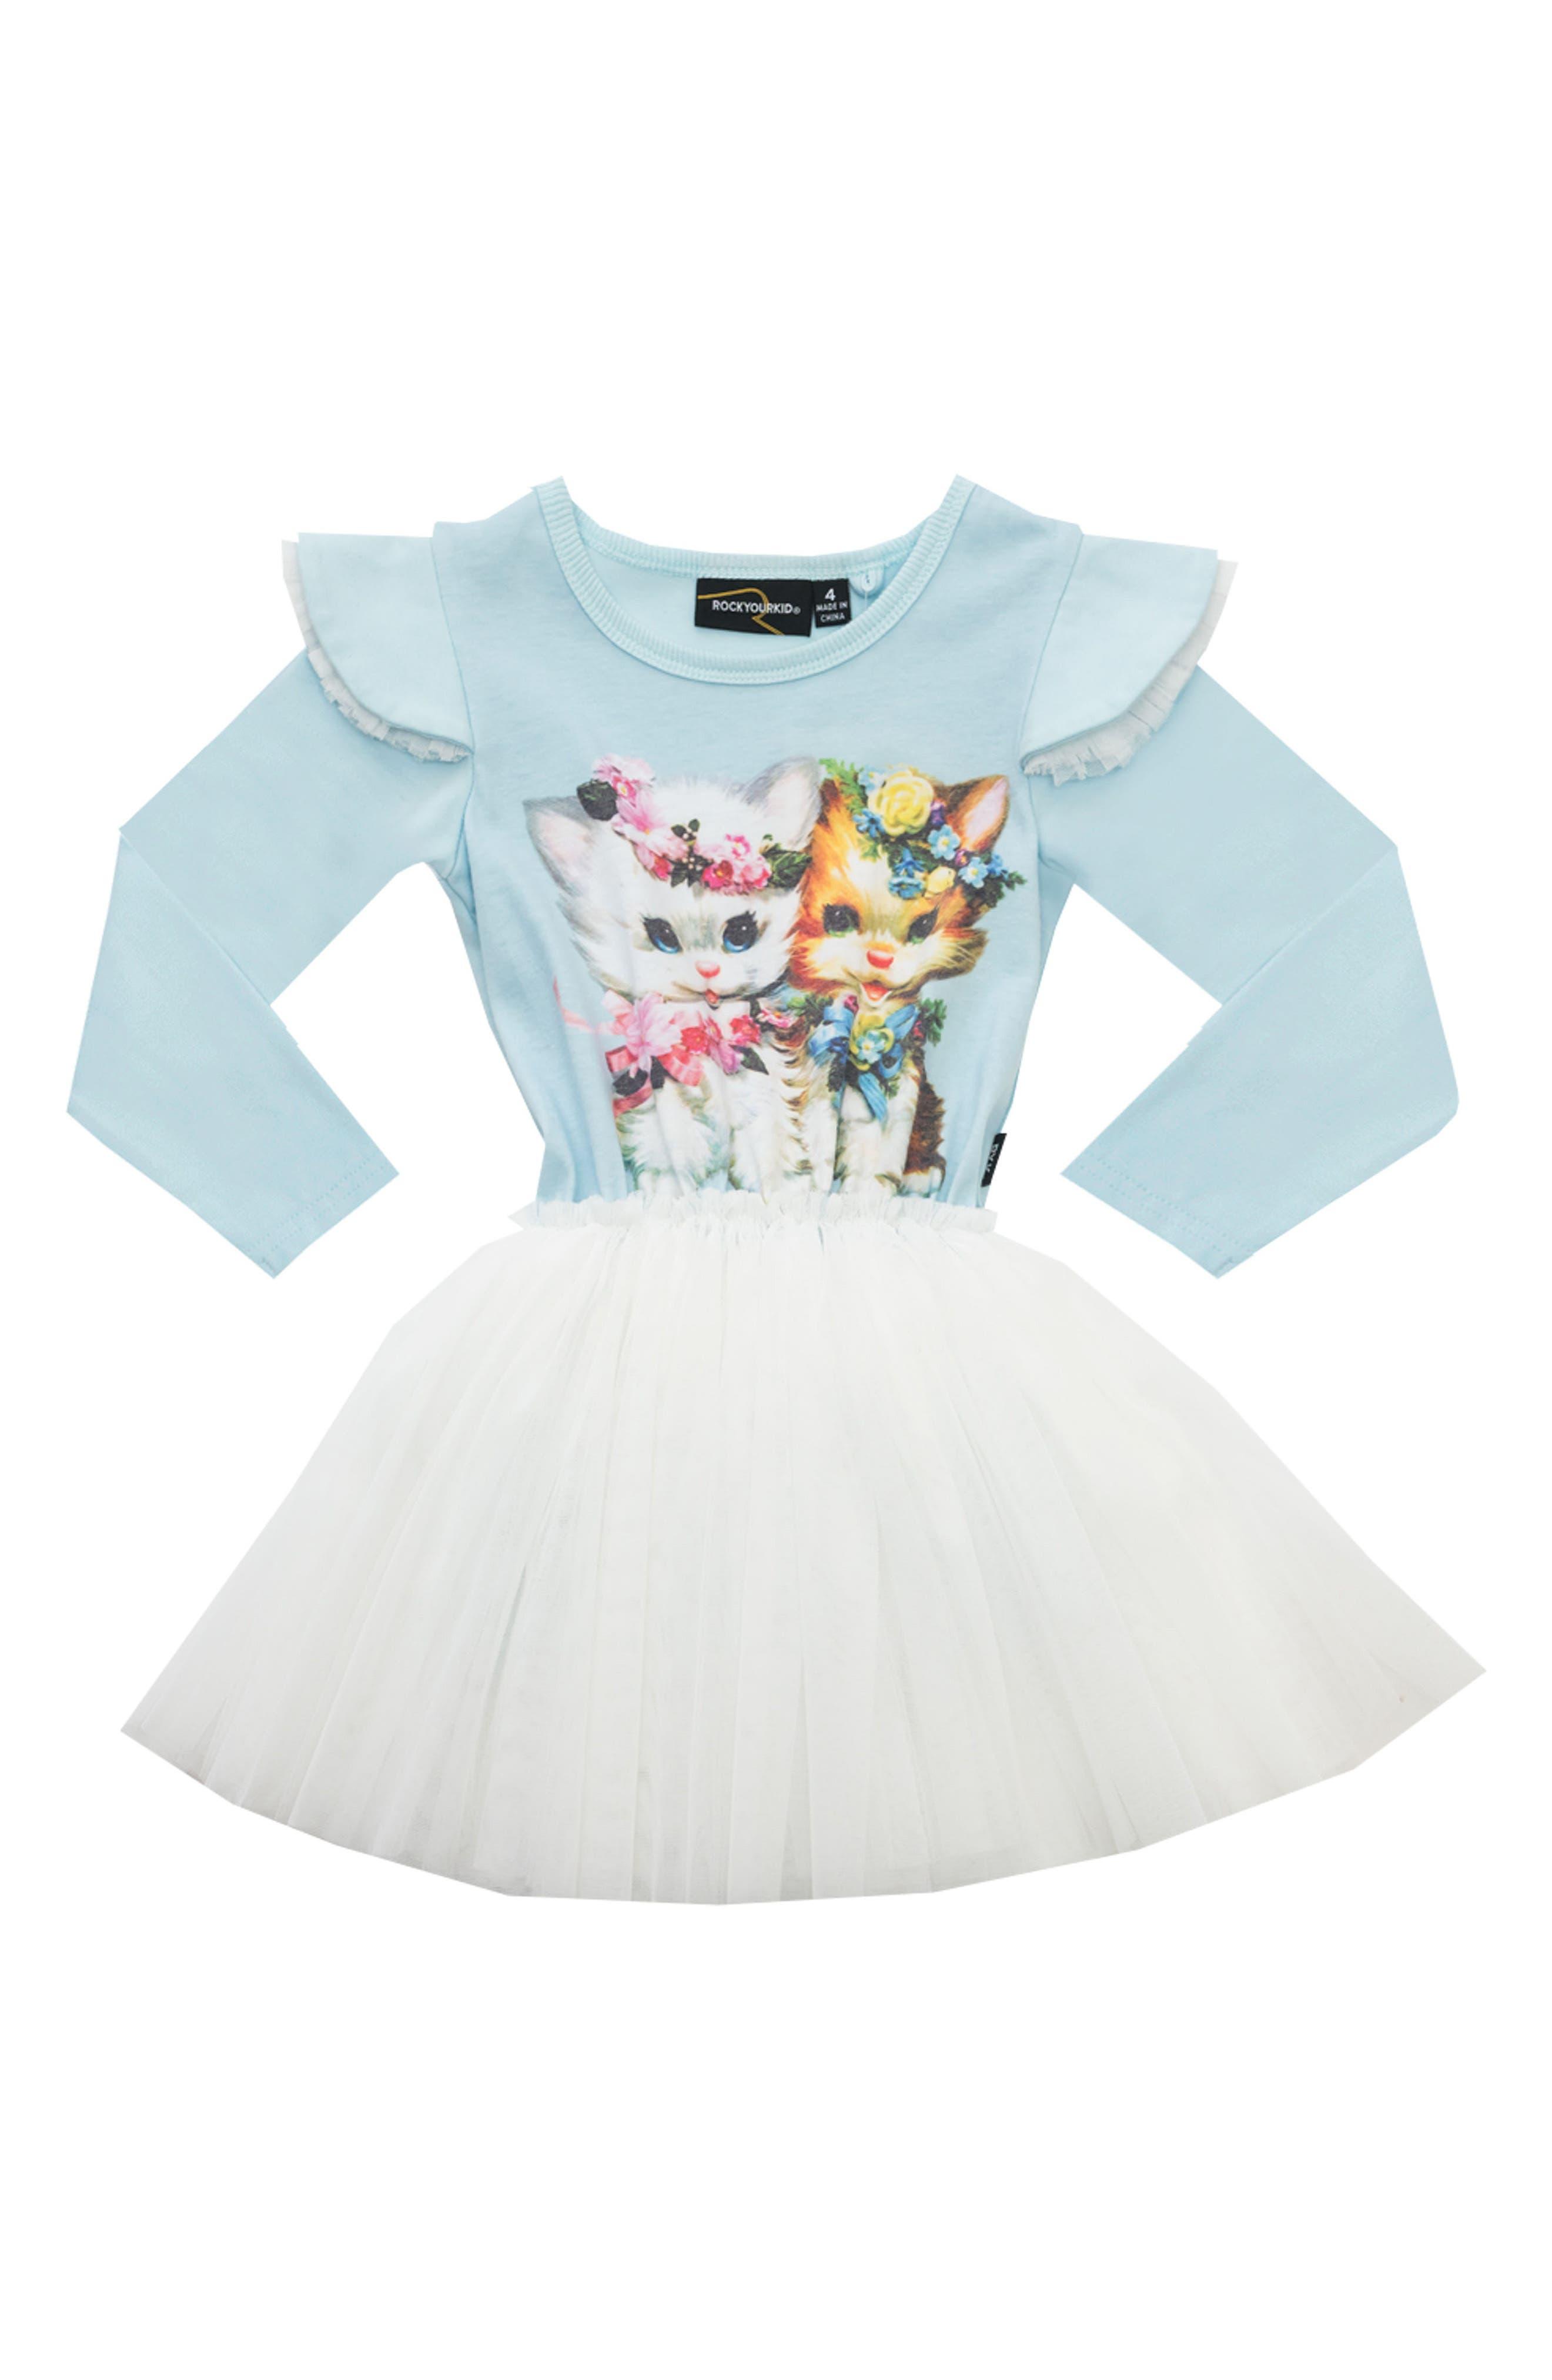 Main Image - Rock Your Kid Lulu & Lola Circus Dress (Toddler Girls & Little Girls)